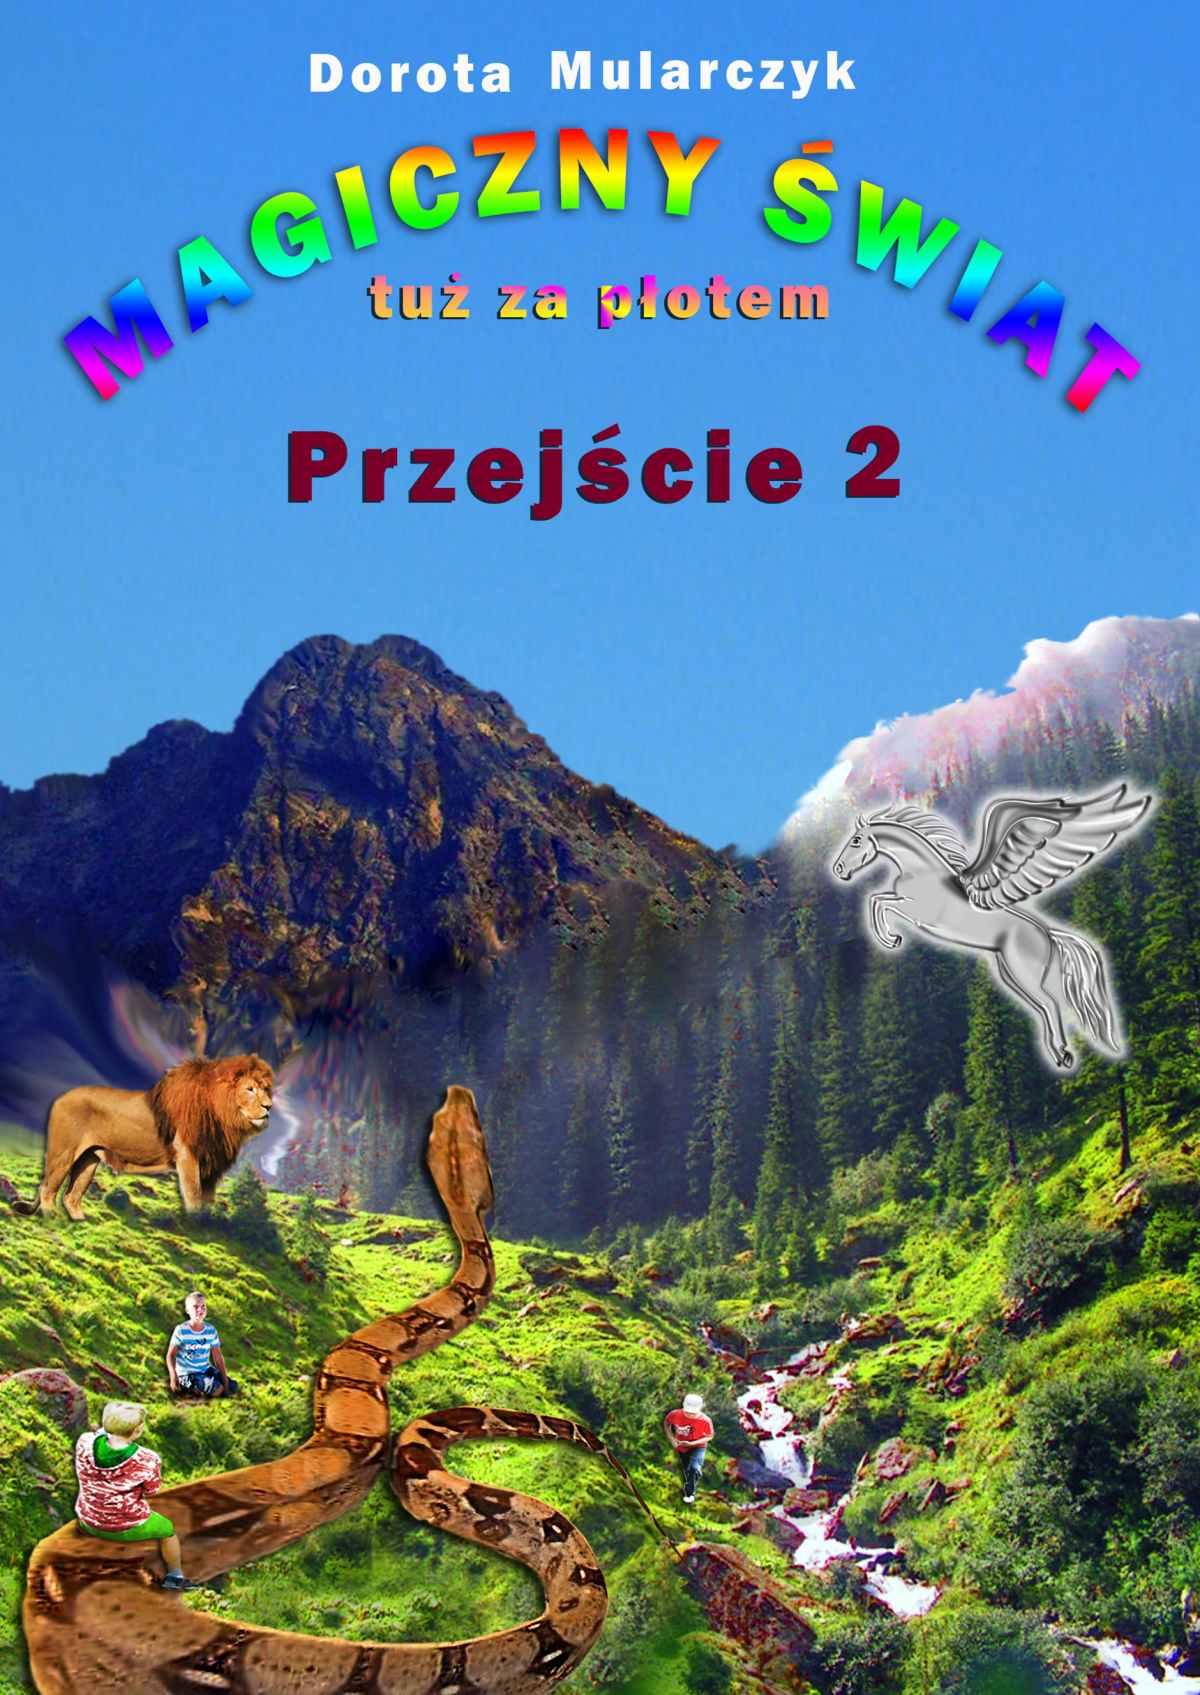 Magiczny świat tuż za płotem. Przejście 2 - Ebook (Książka na Kindle) do pobrania w formacie MOBI